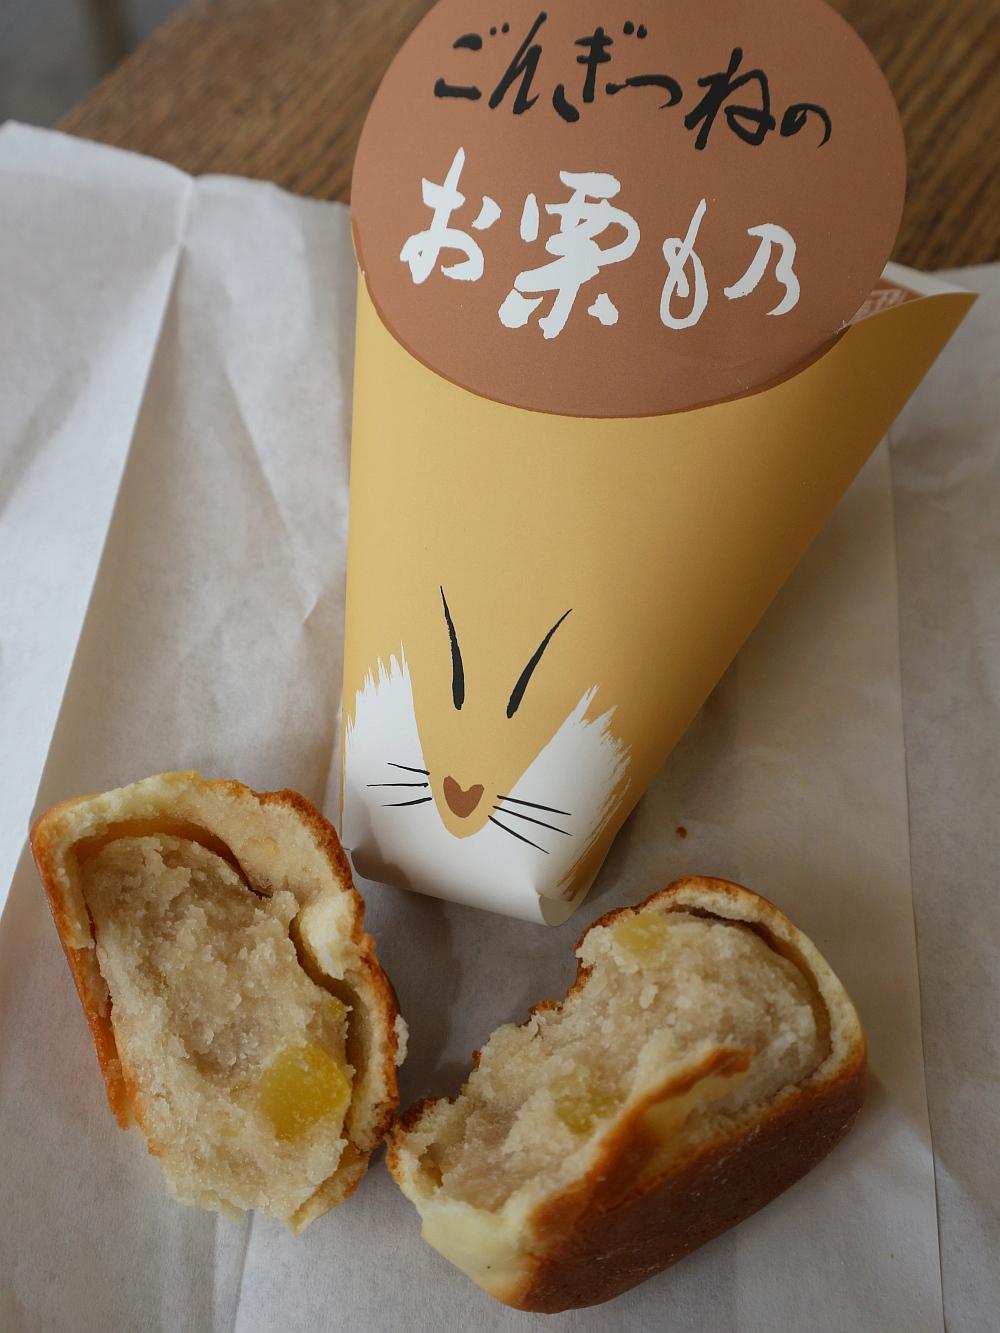 2017_10_01半田:御菓子司 幸野 ごんぎつねのお栗も乃12